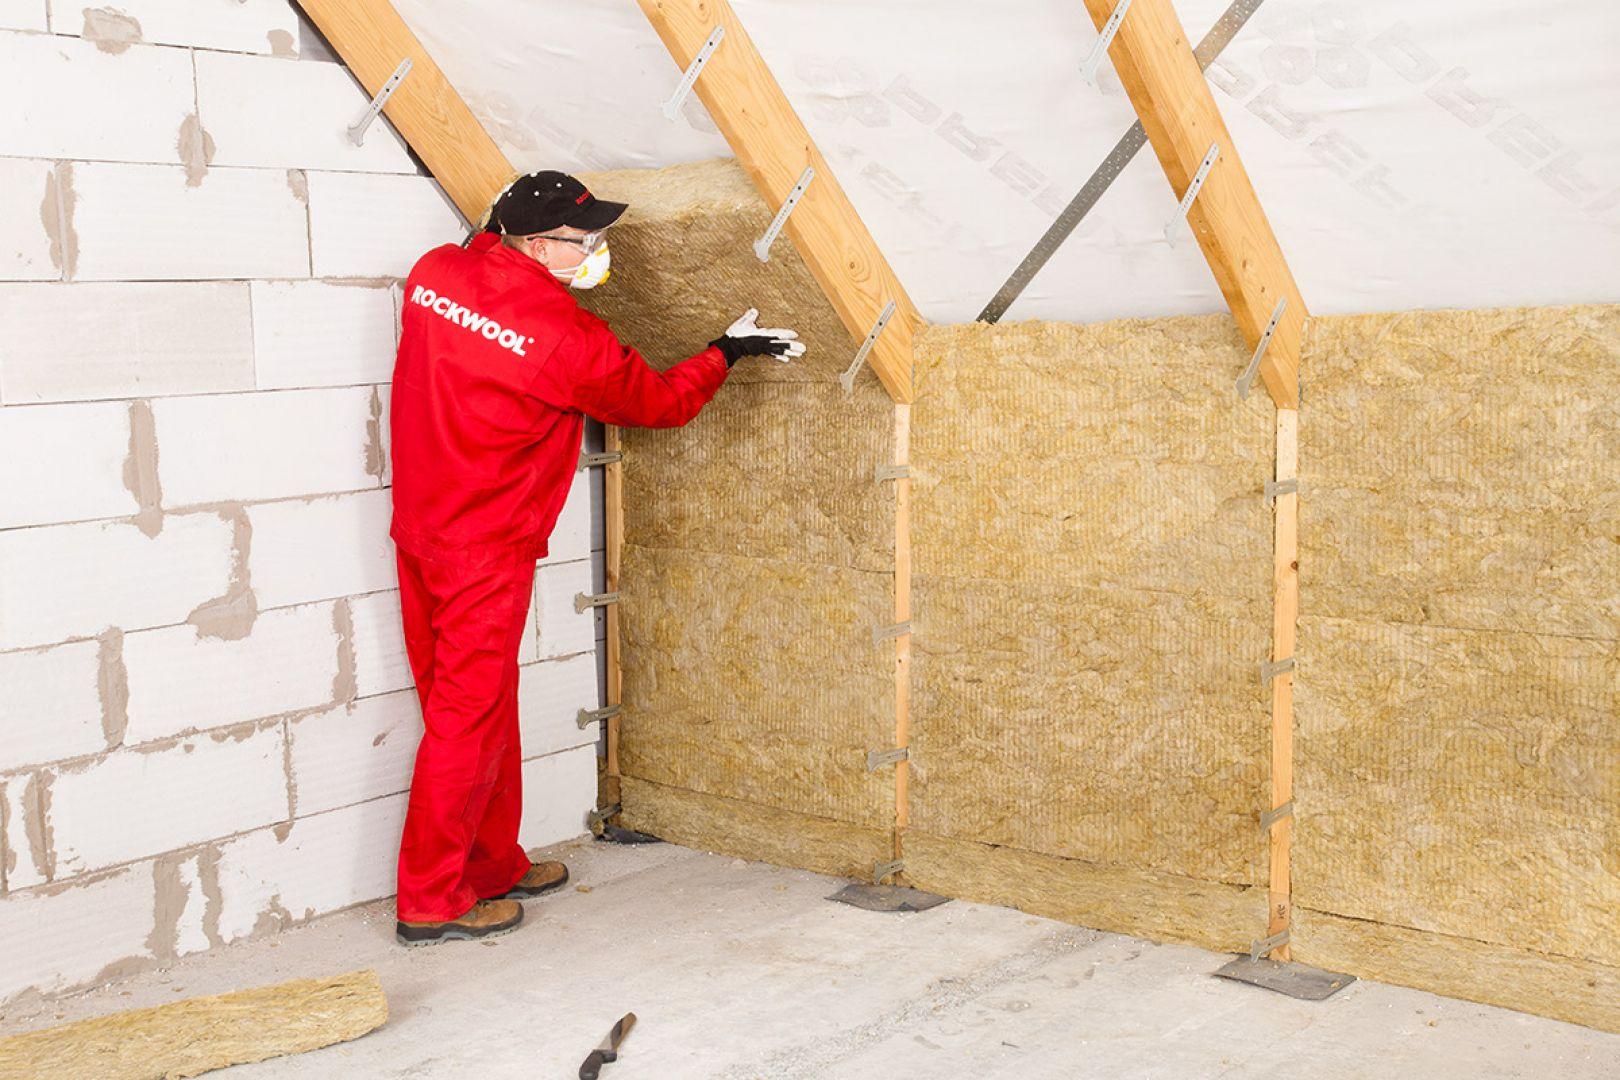 Wełna mineralna oprócz termoizolacji, dodatkowo stanowi doskonałą izolację akustyczną dachu i zabezpiecza drewniane elementy więźby przed ogniem, czego nie można powiedzieć o materiałach wykonany z polistyrenu, czy poliuretanu. Należy pamiętać, że wełna mineralna jest za to mniej odporna na działanie wilgoci i wody. Fot. Rockwool Polska